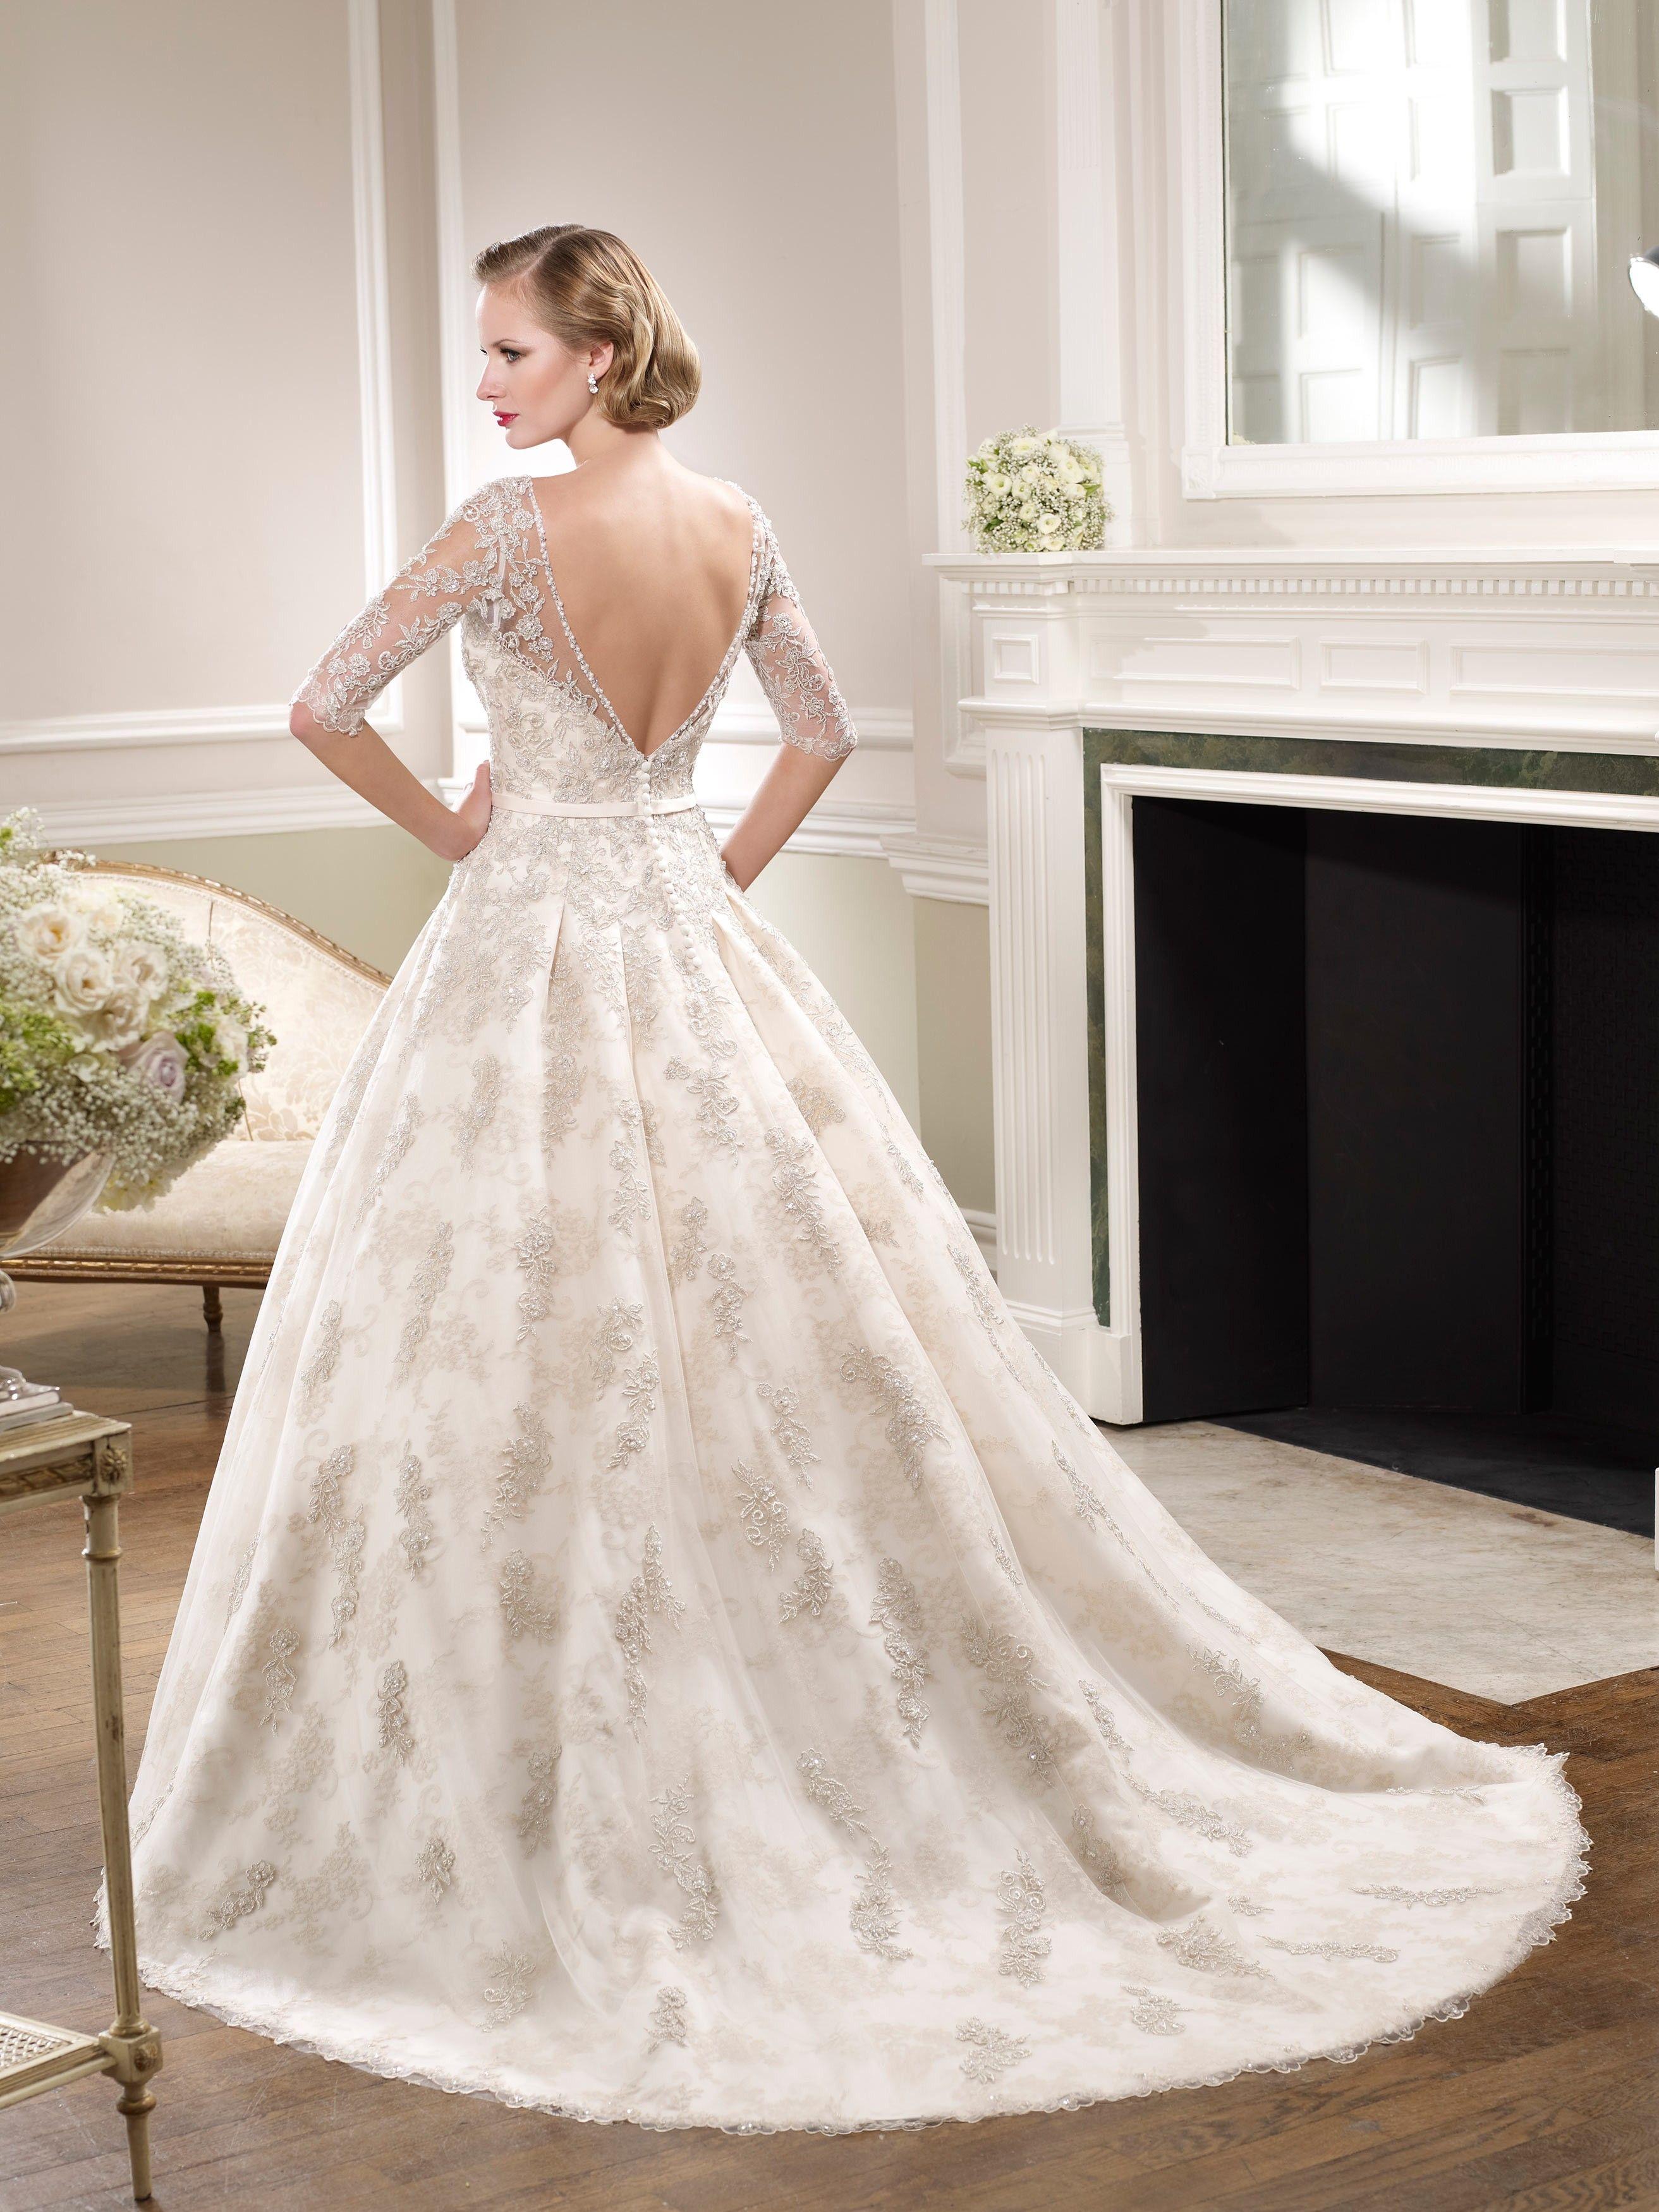 fef6fee0cb87 Elegantné a vznešené svadobné šaty JOYCE nájdete v salóne Diamond v Žiline   )